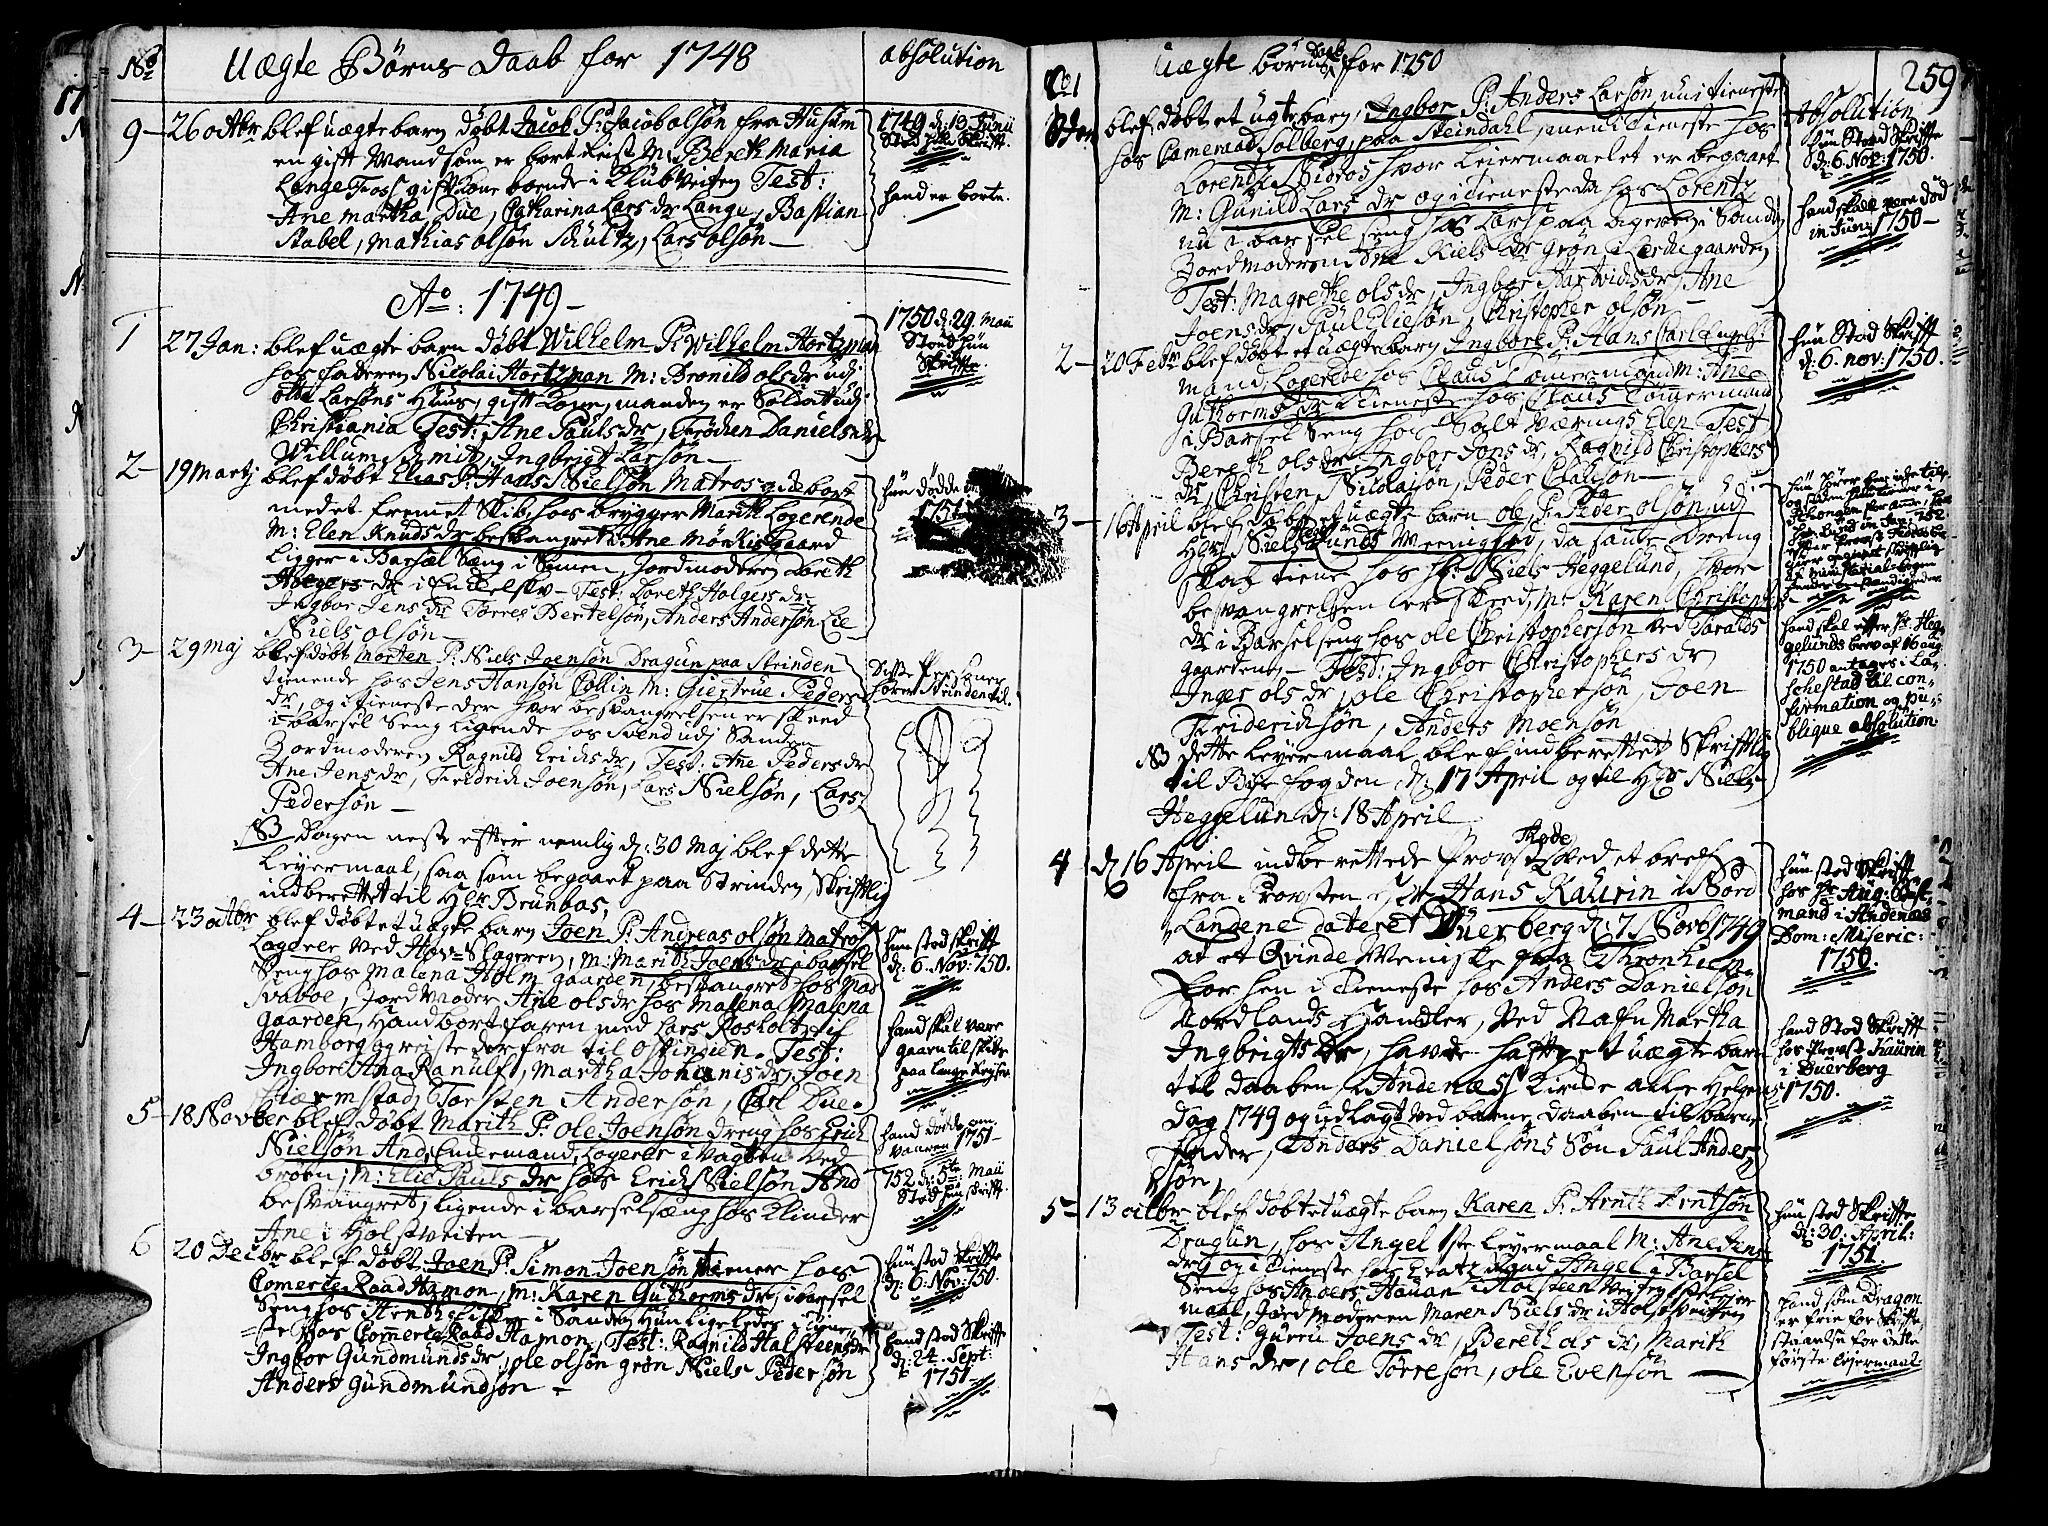 SAT, Ministerialprotokoller, klokkerbøker og fødselsregistre - Sør-Trøndelag, 602/L0103: Ministerialbok nr. 602A01, 1732-1774, s. 259